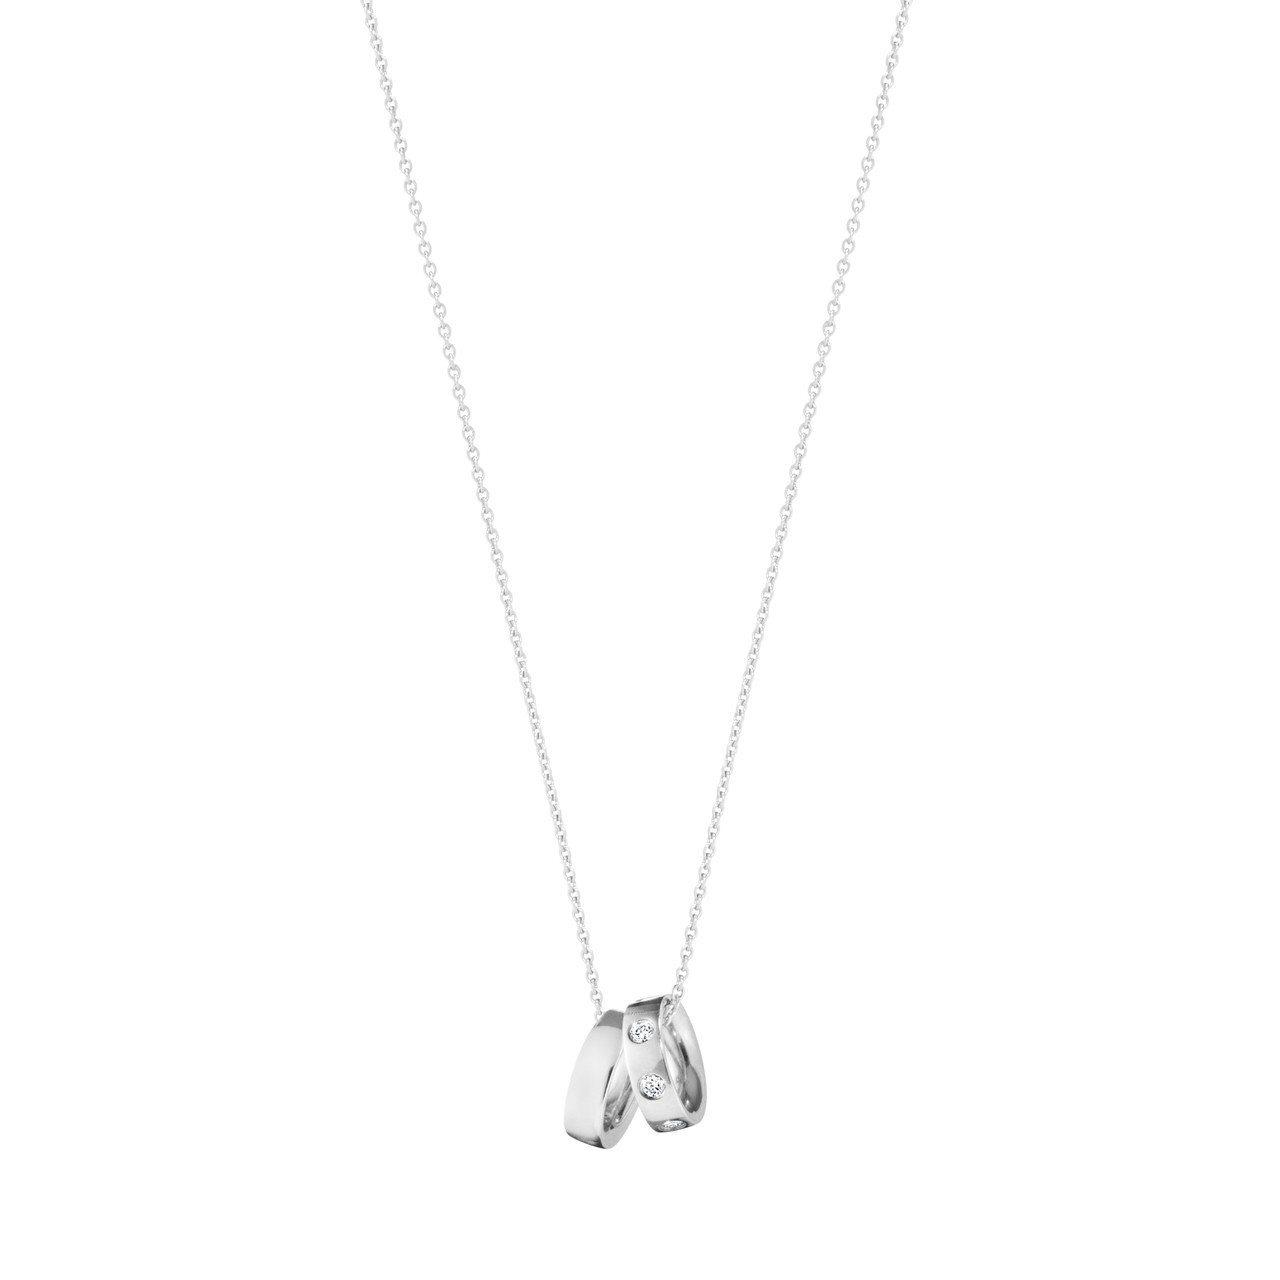 喬治傑生MAGIC系列18K白金鑽石鍊墜,39,500元。圖/喬治傑生提供